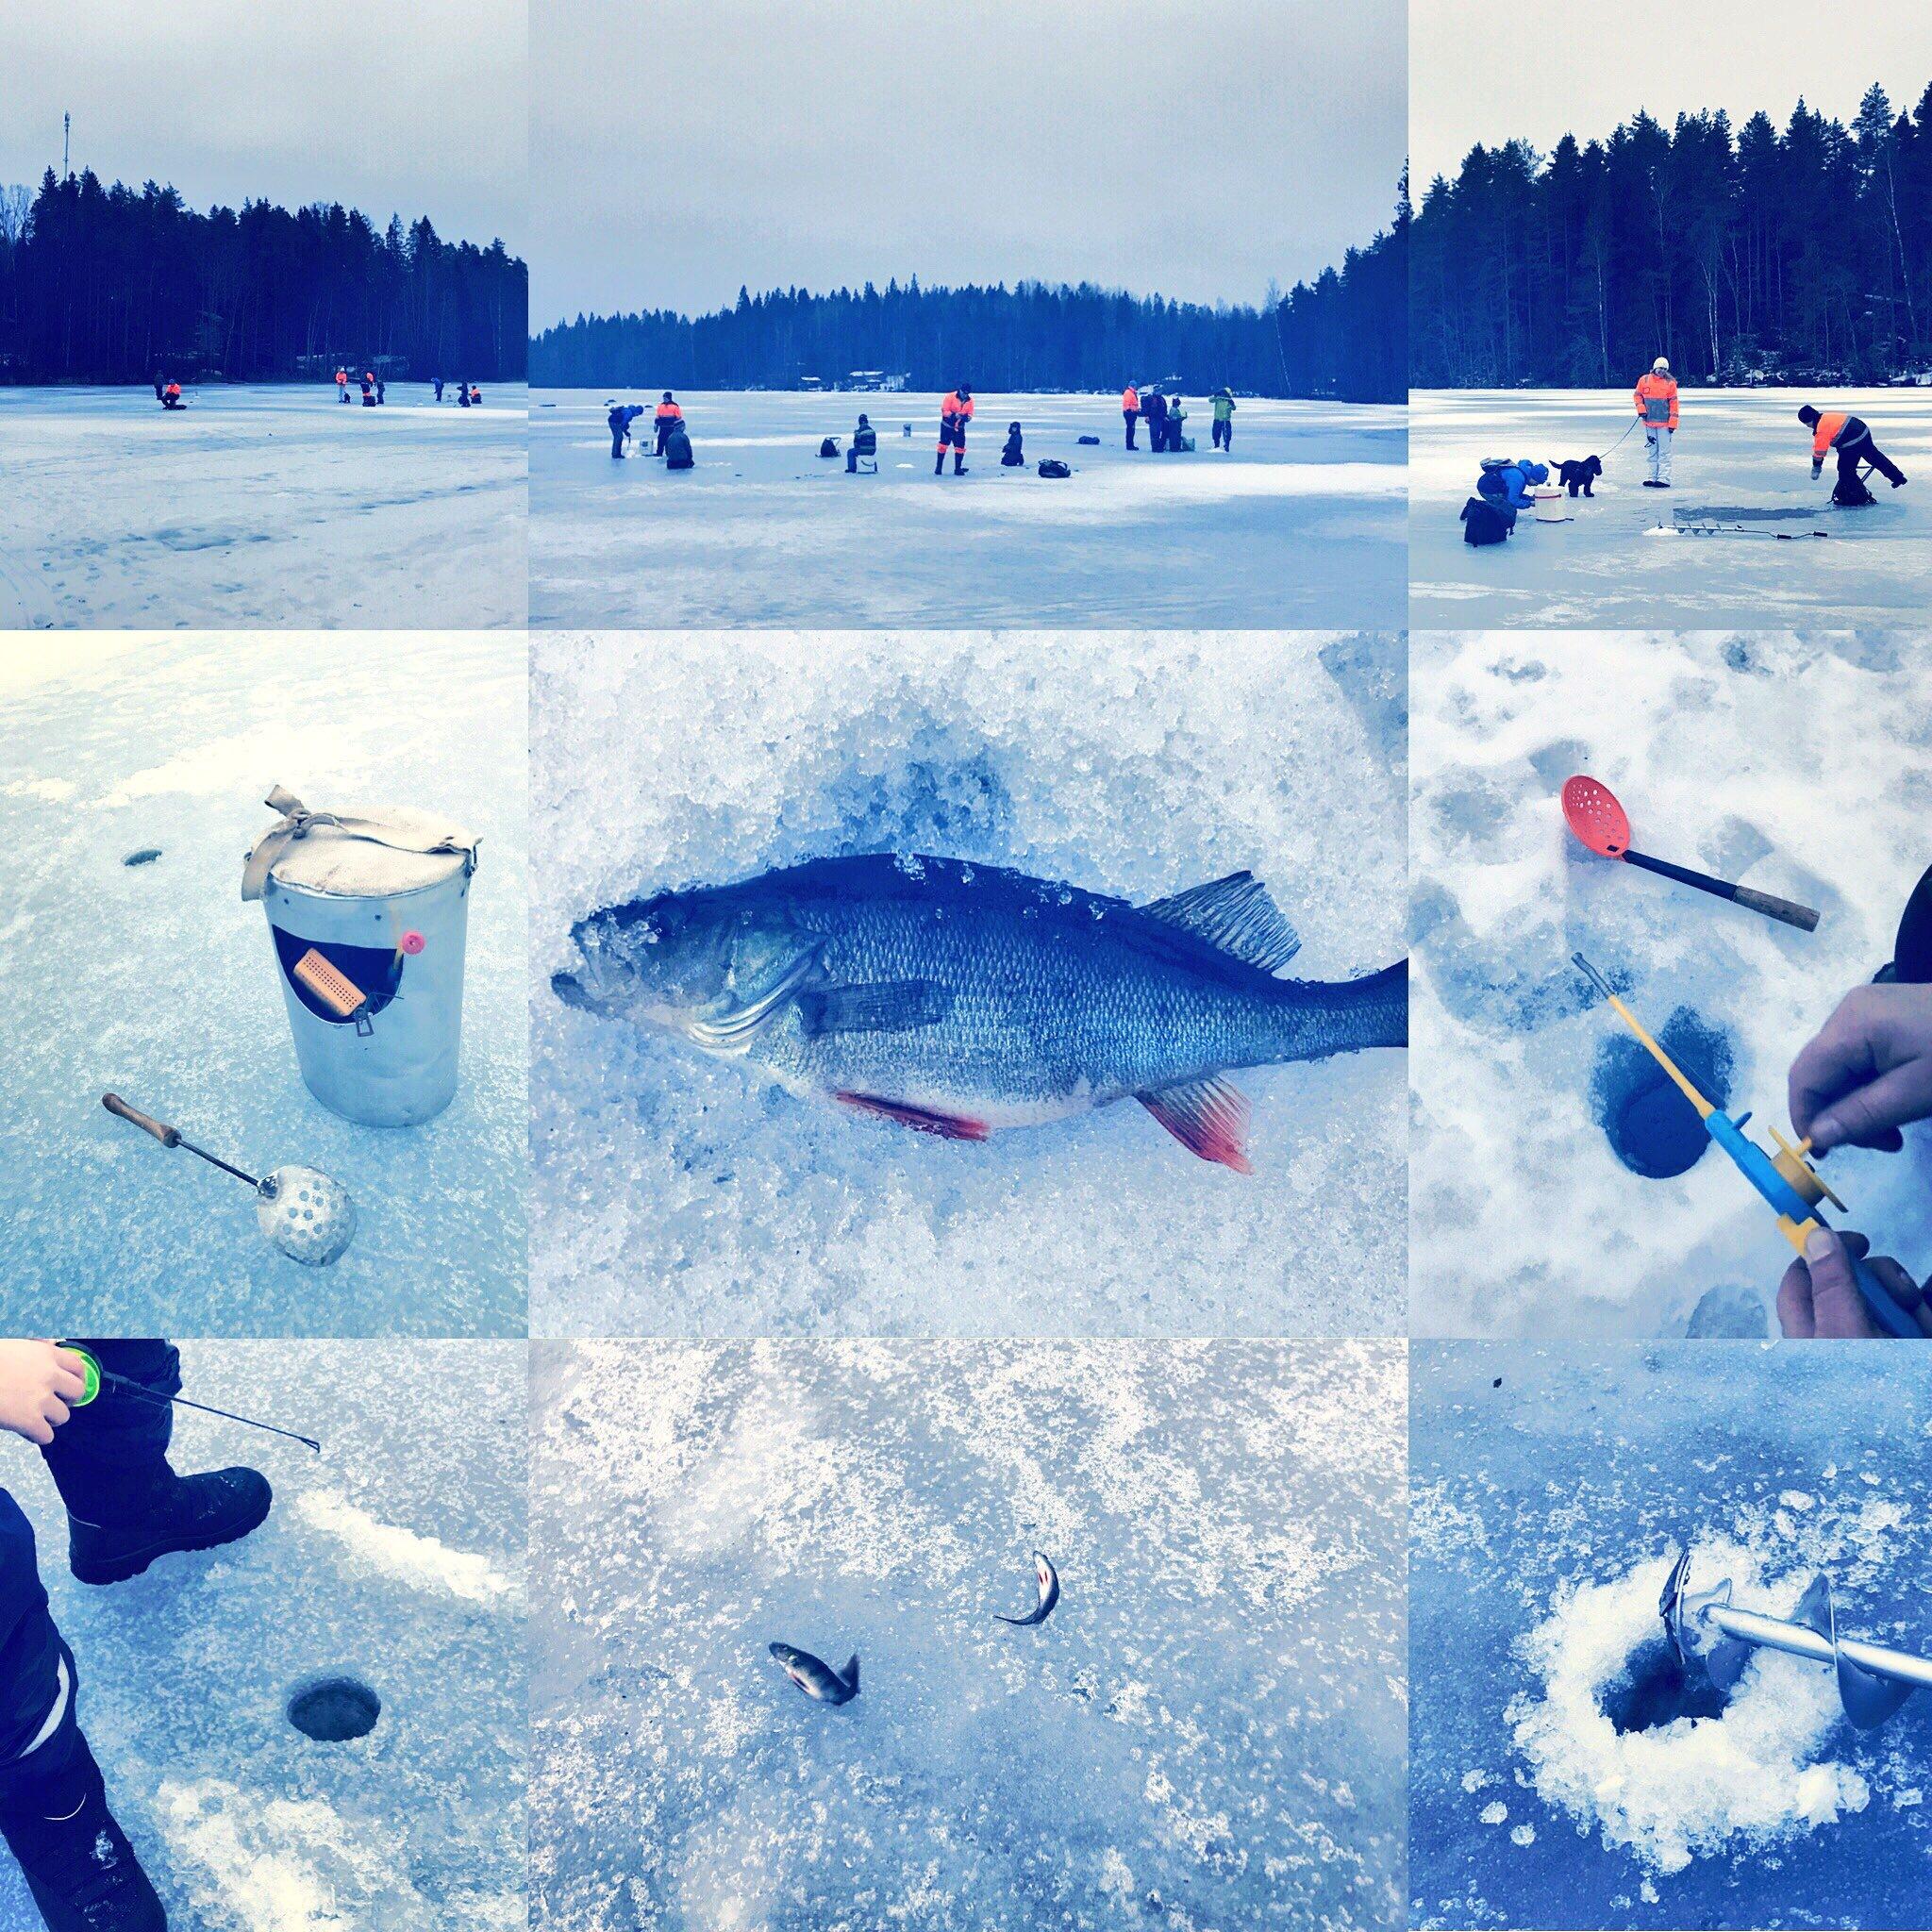 Ice fishing by Inka Maria Valtamo